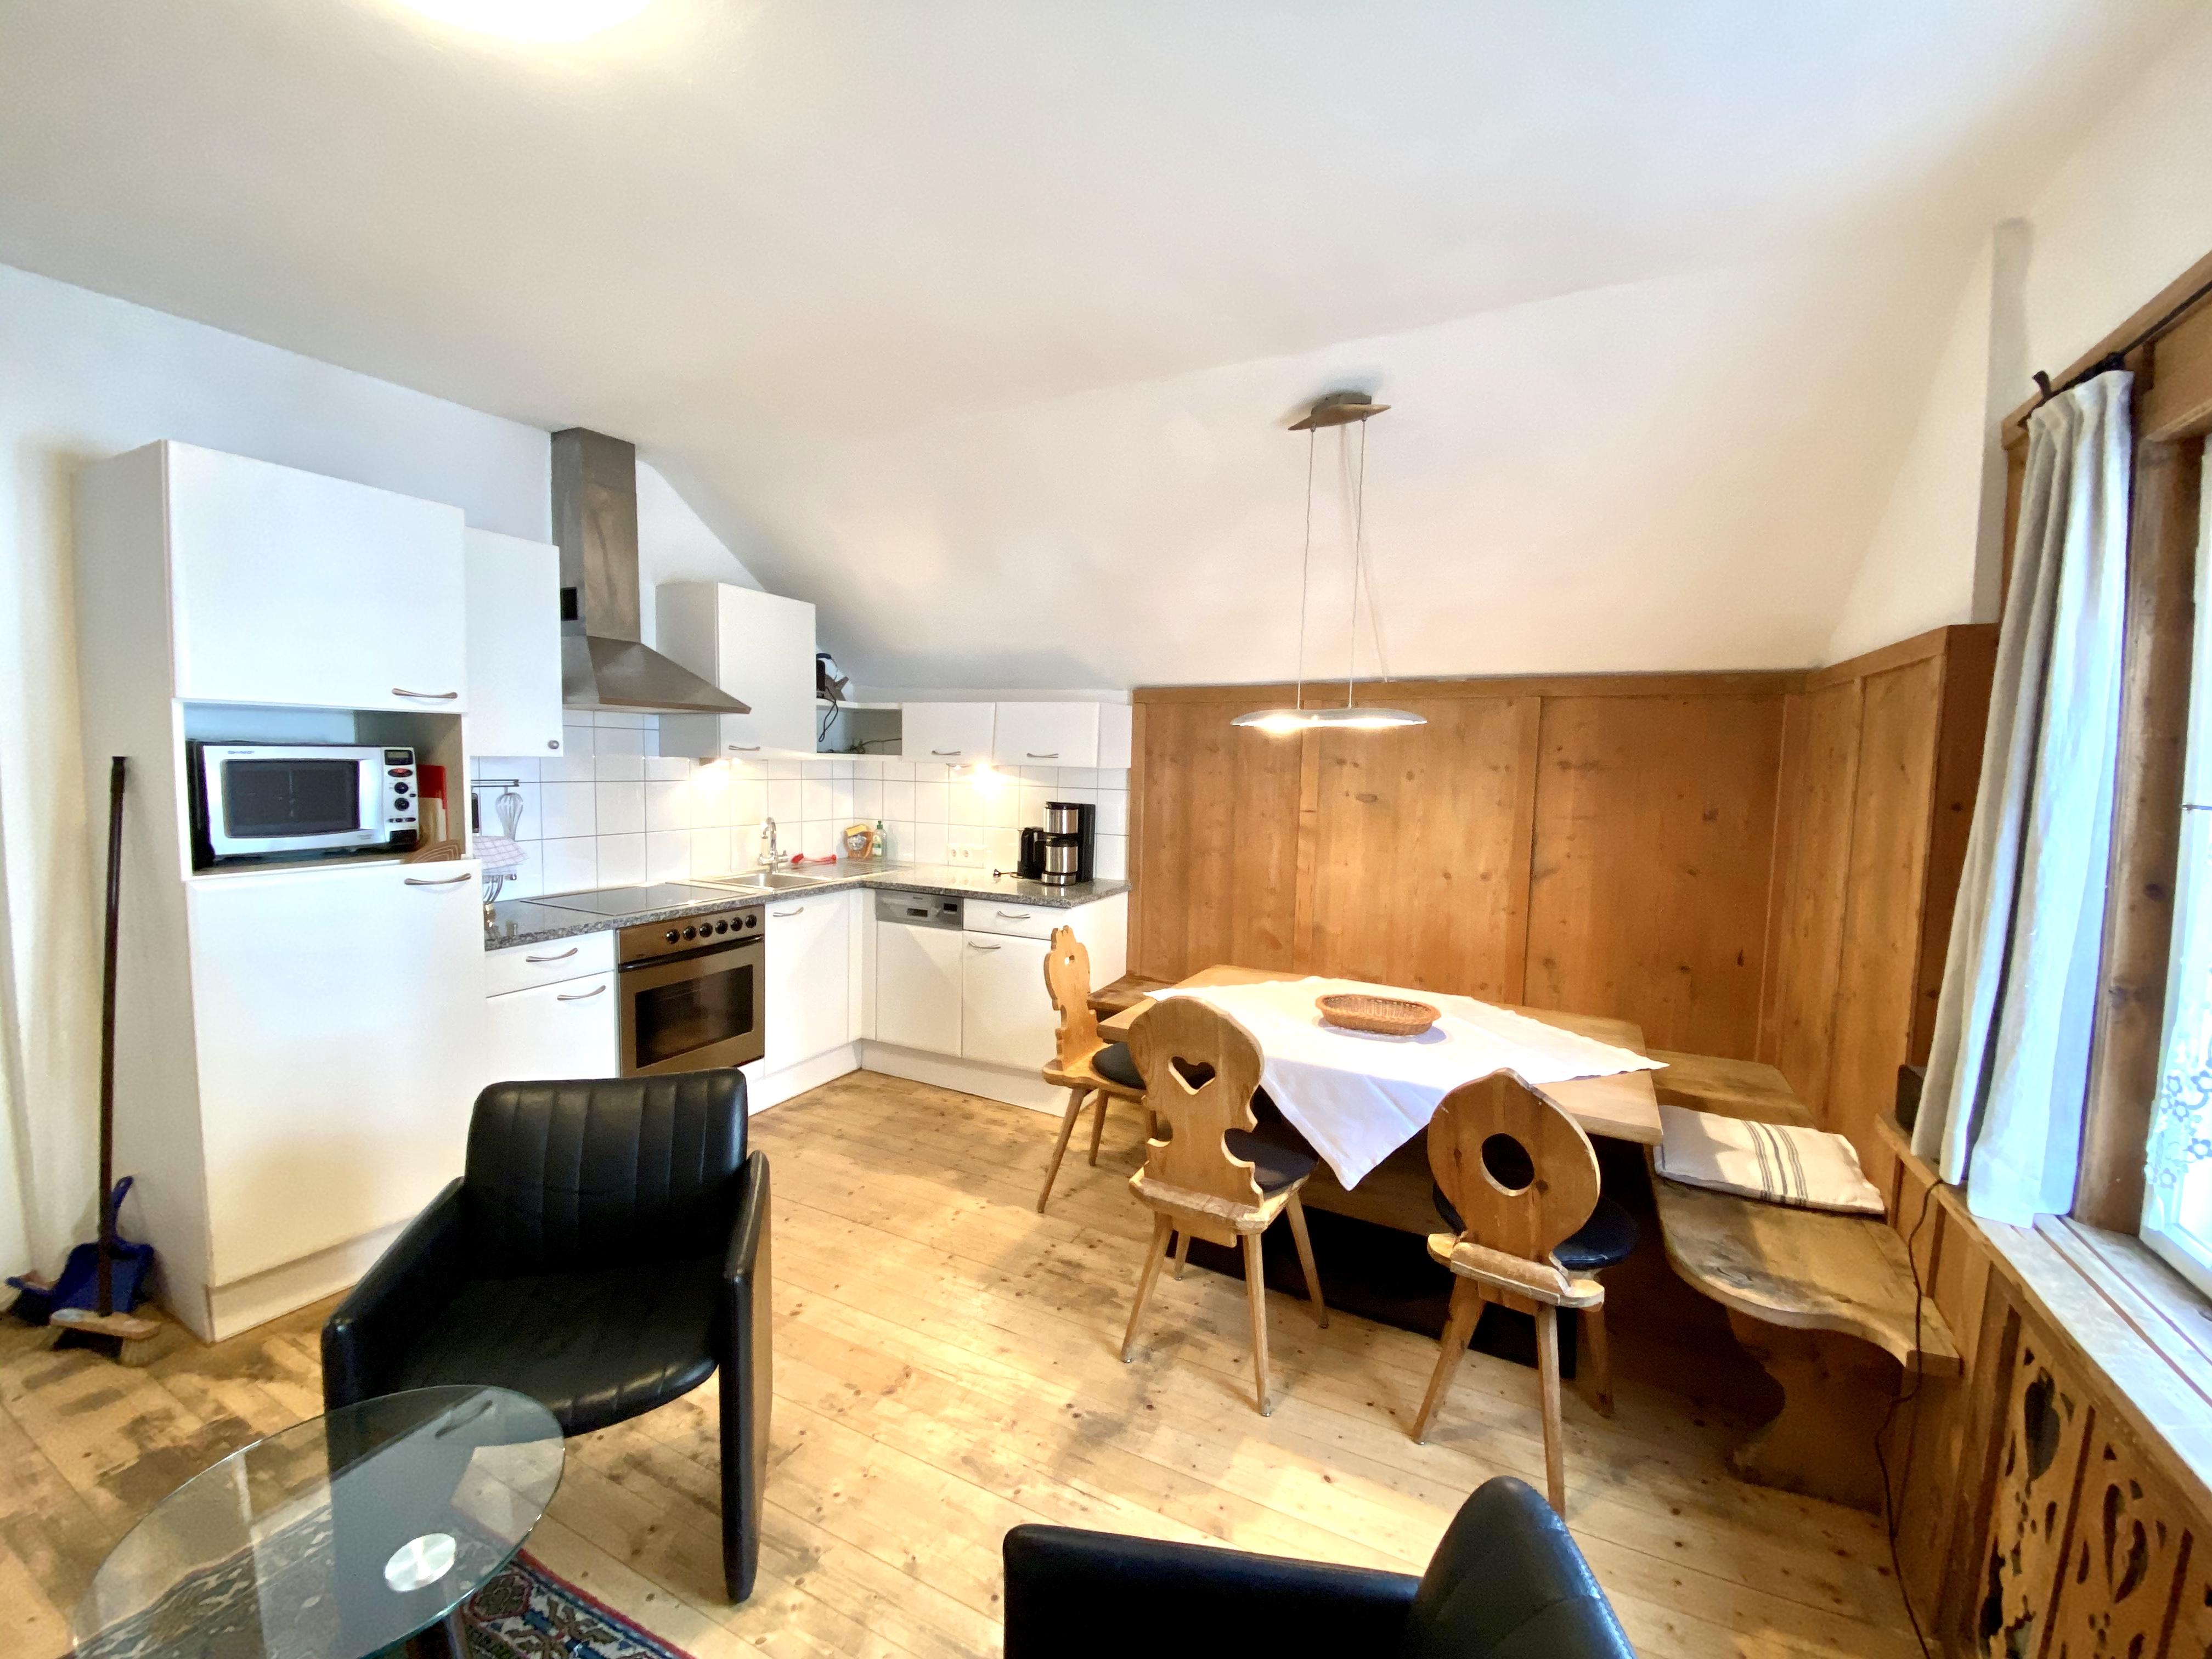 Schlick Wohn und Küche